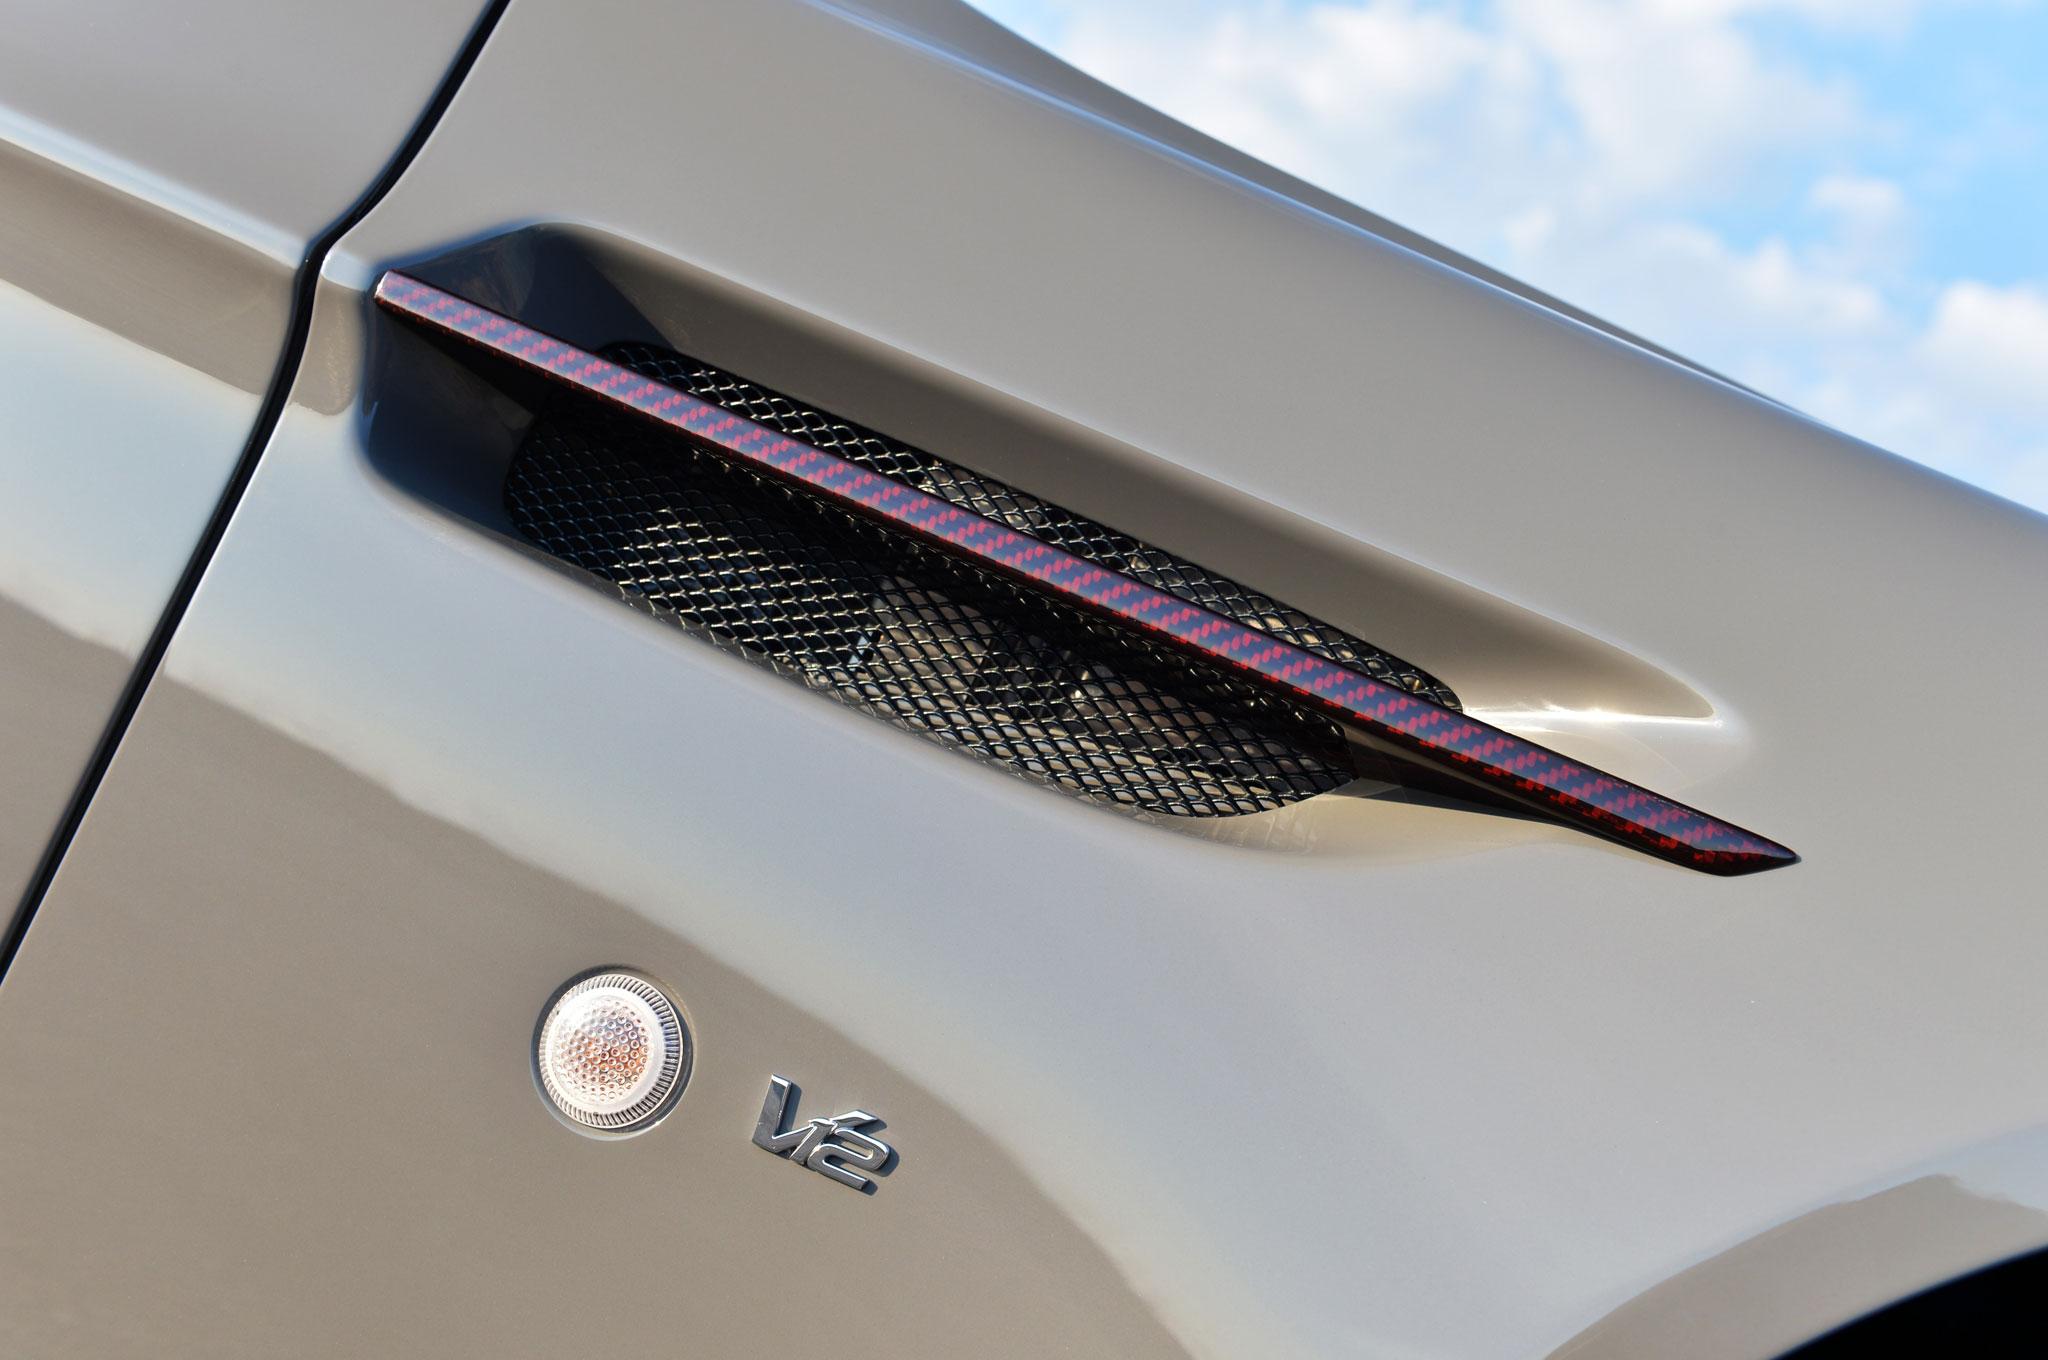 Aston Martin V Vantage S Roadster Passenger Side Fender on Driven 2015 Aston Martin V12 Vantage S Roadster Review